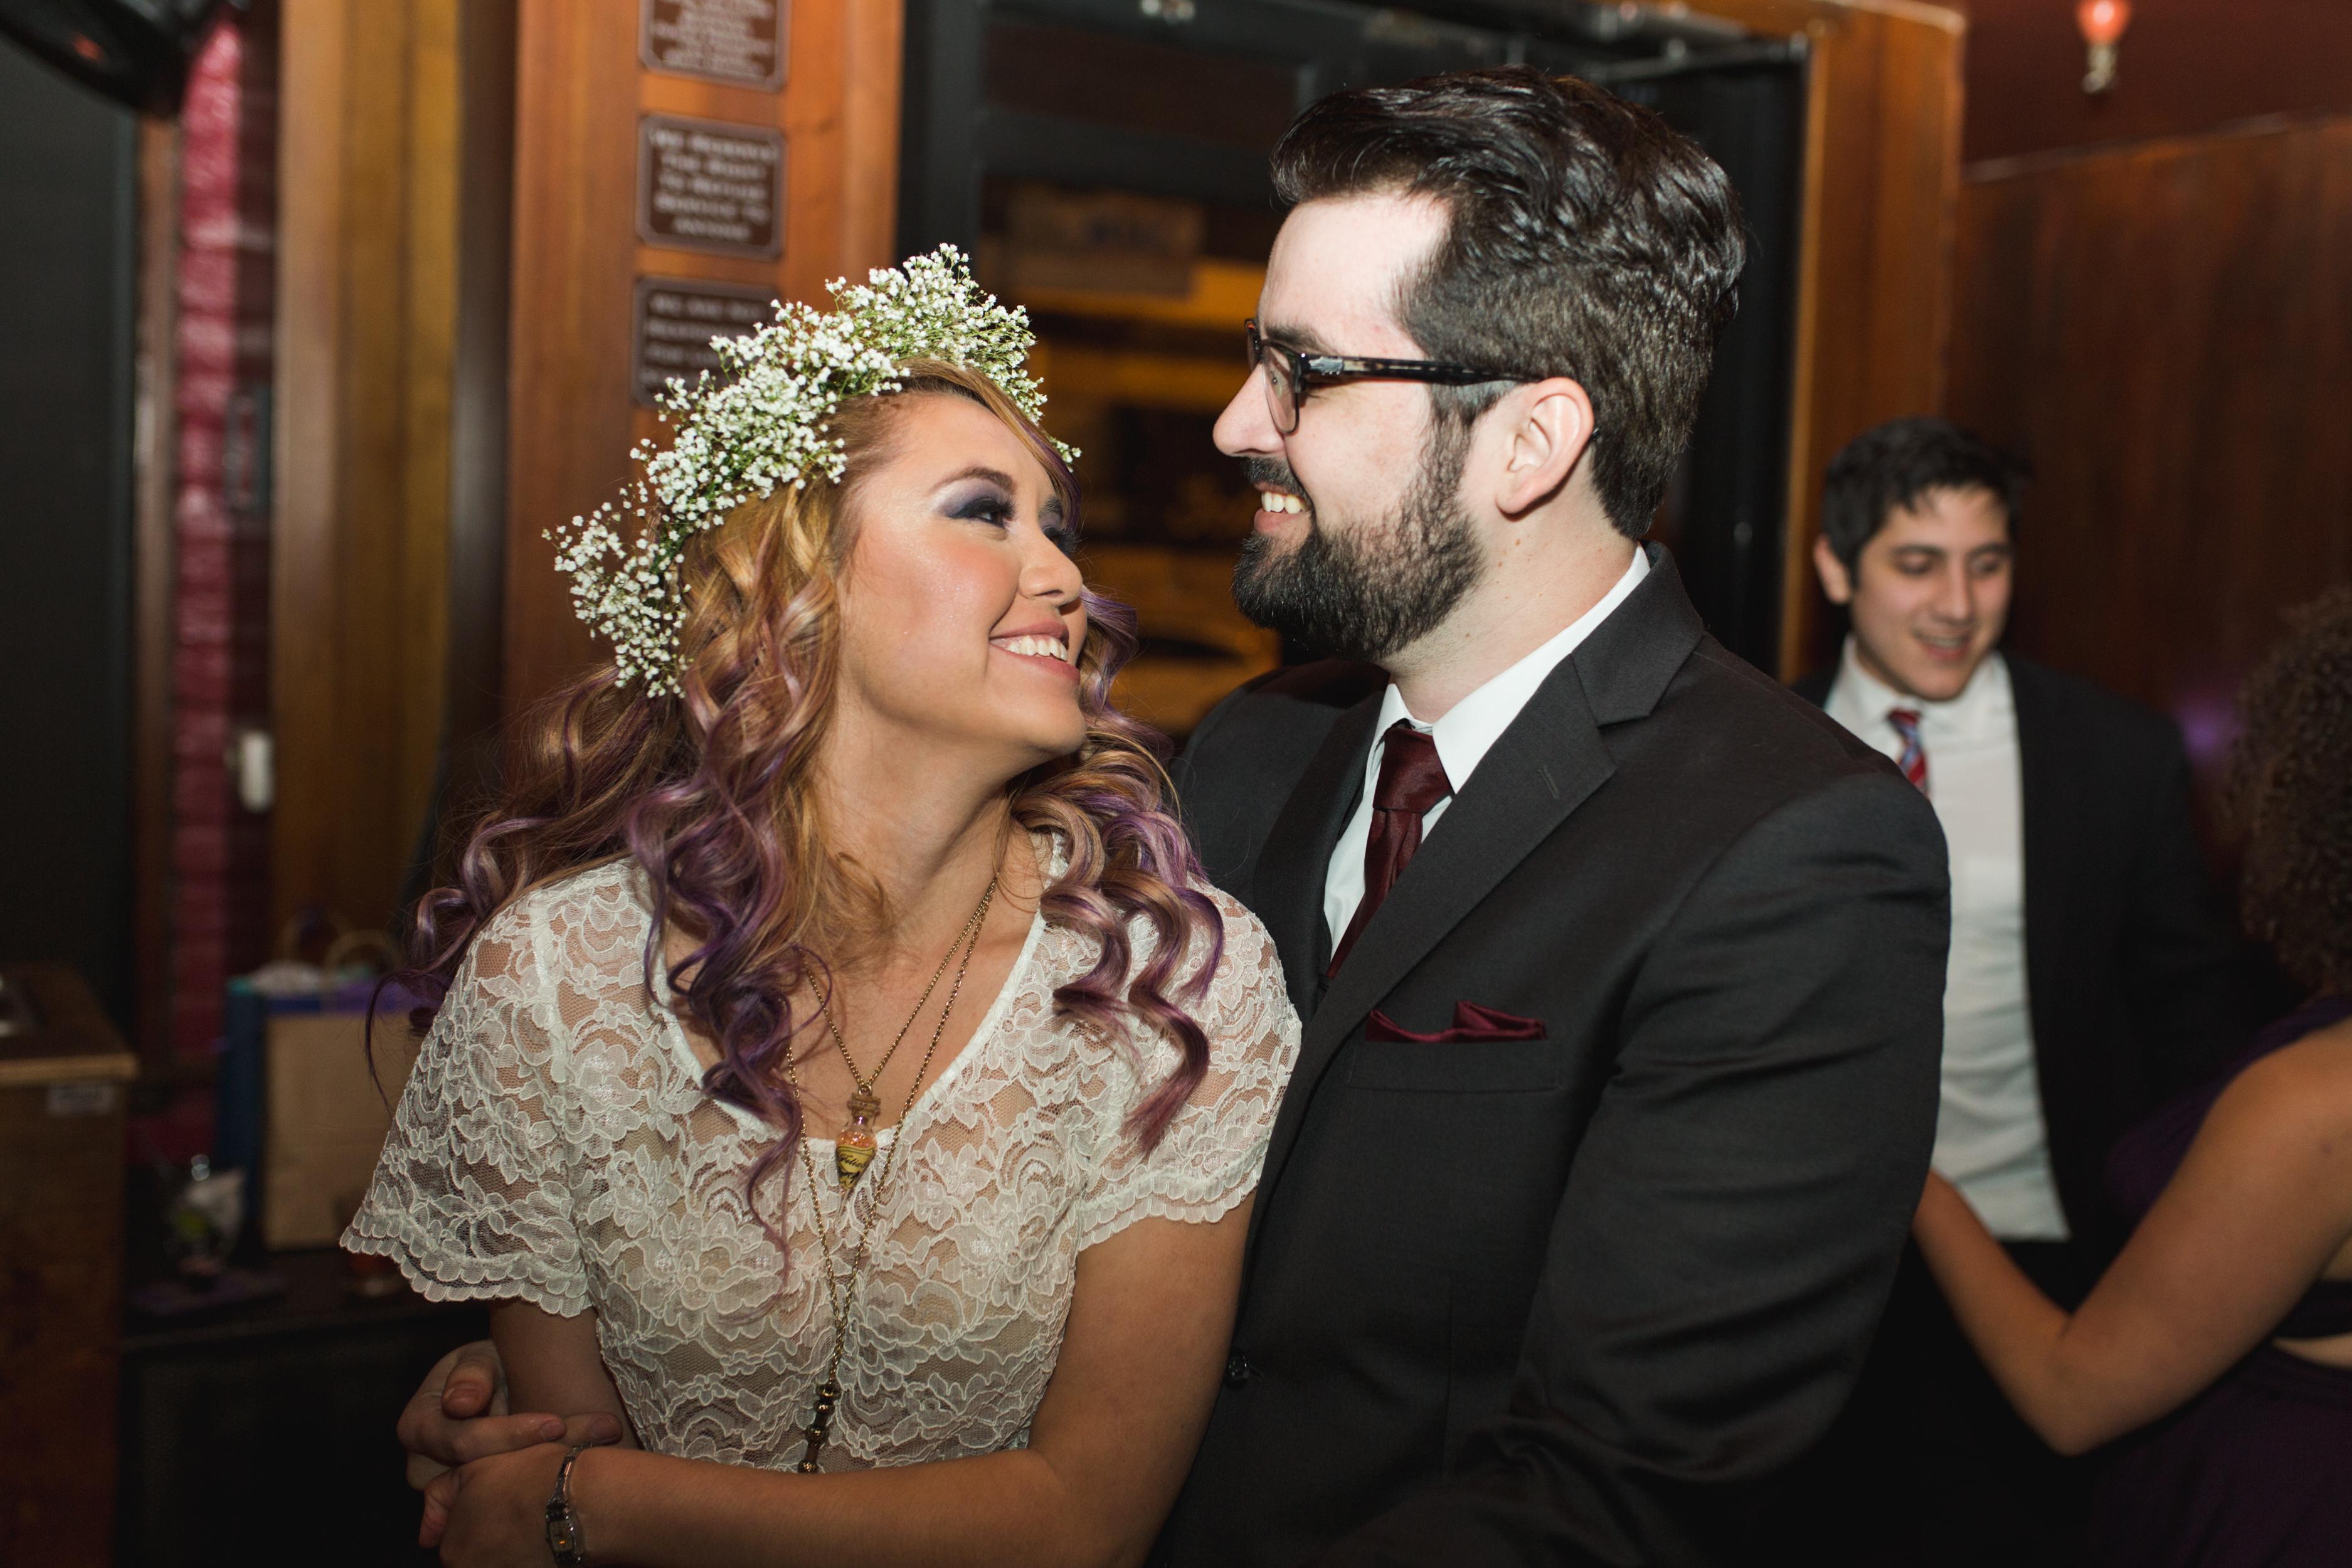 bruno-nightclub-wedding-first-dance-san-francisco